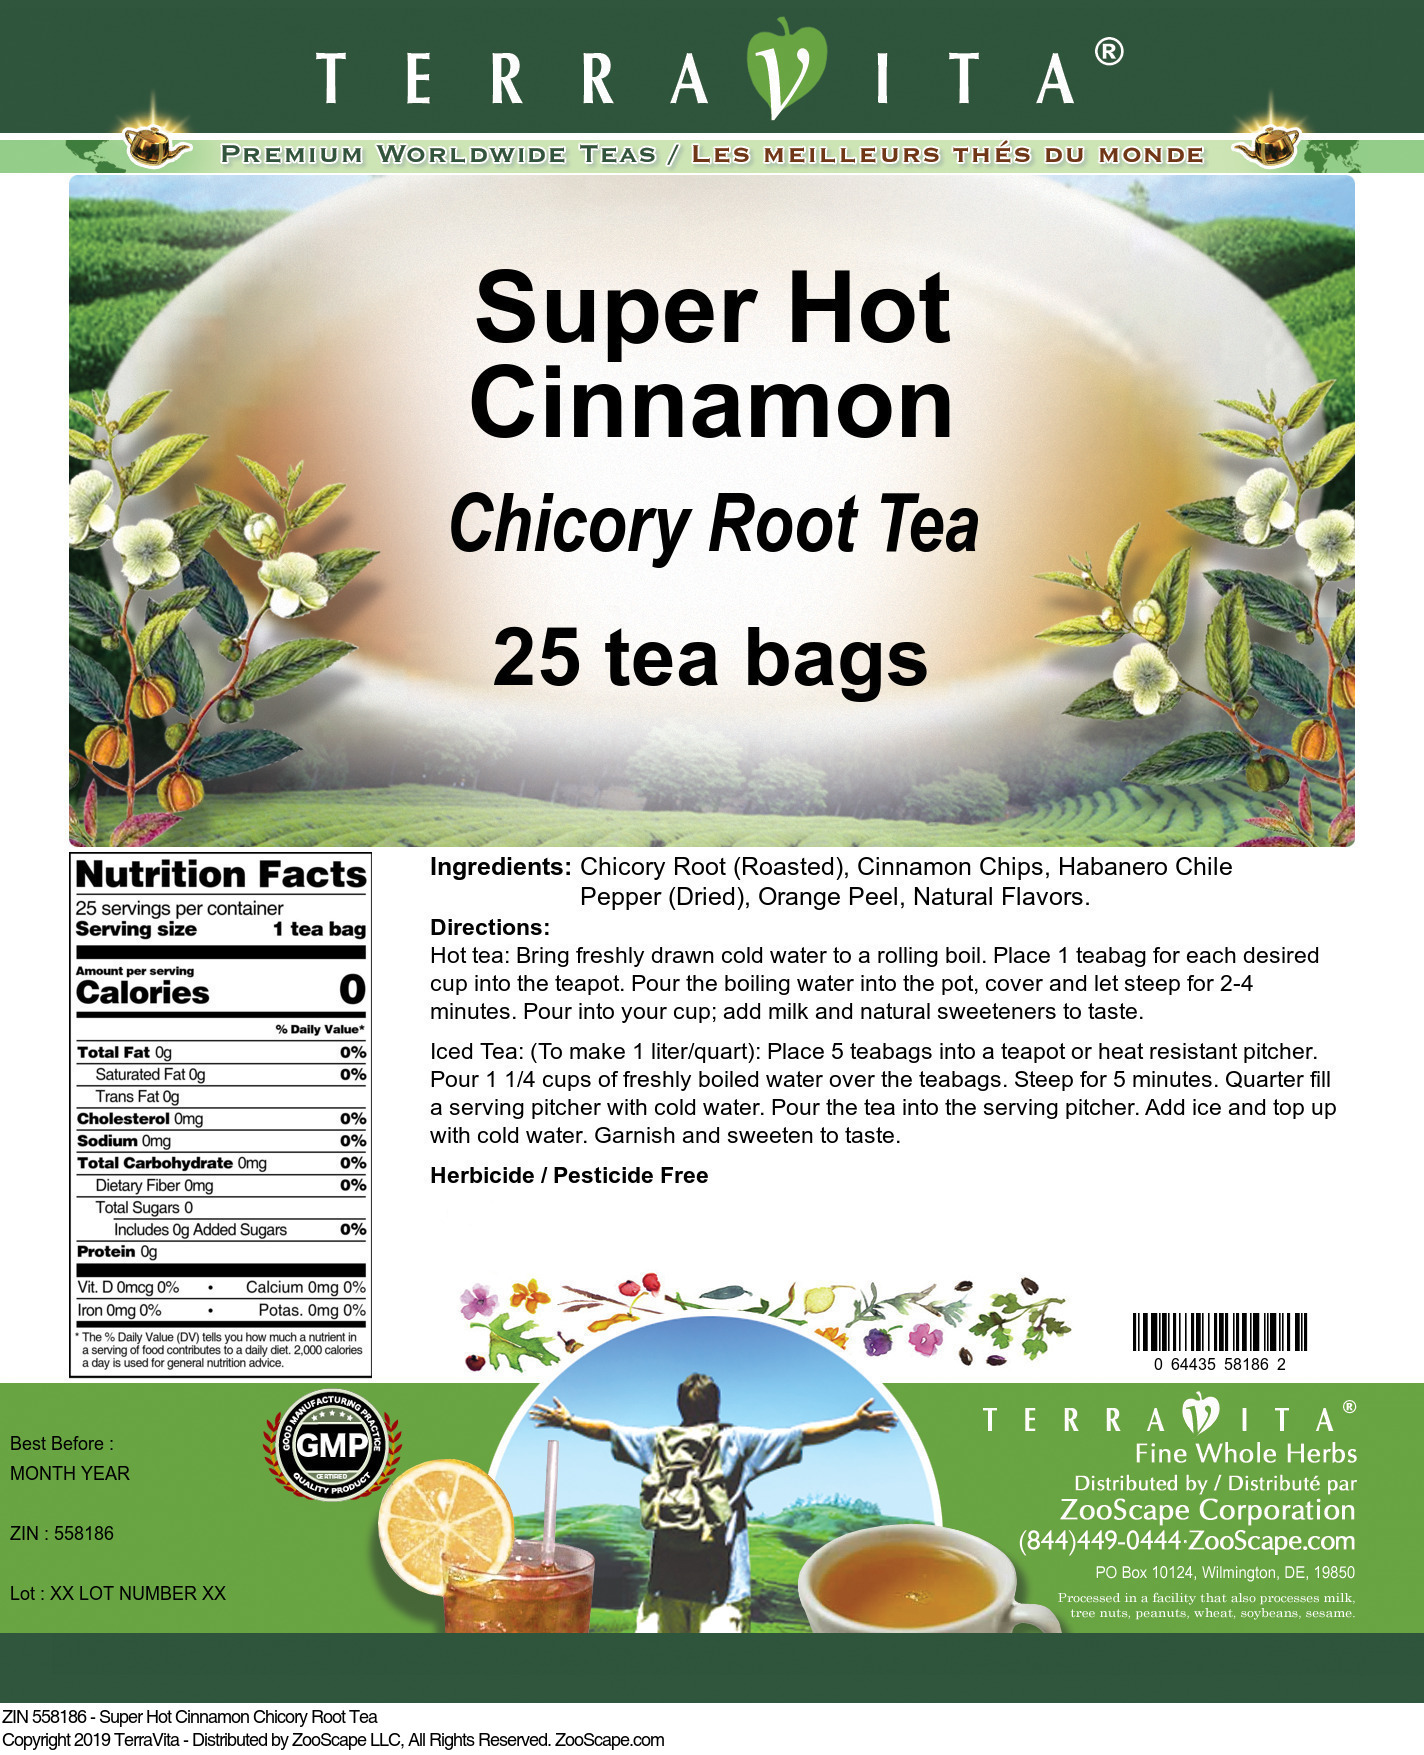 Super Hot Cinnamon Chicory Root